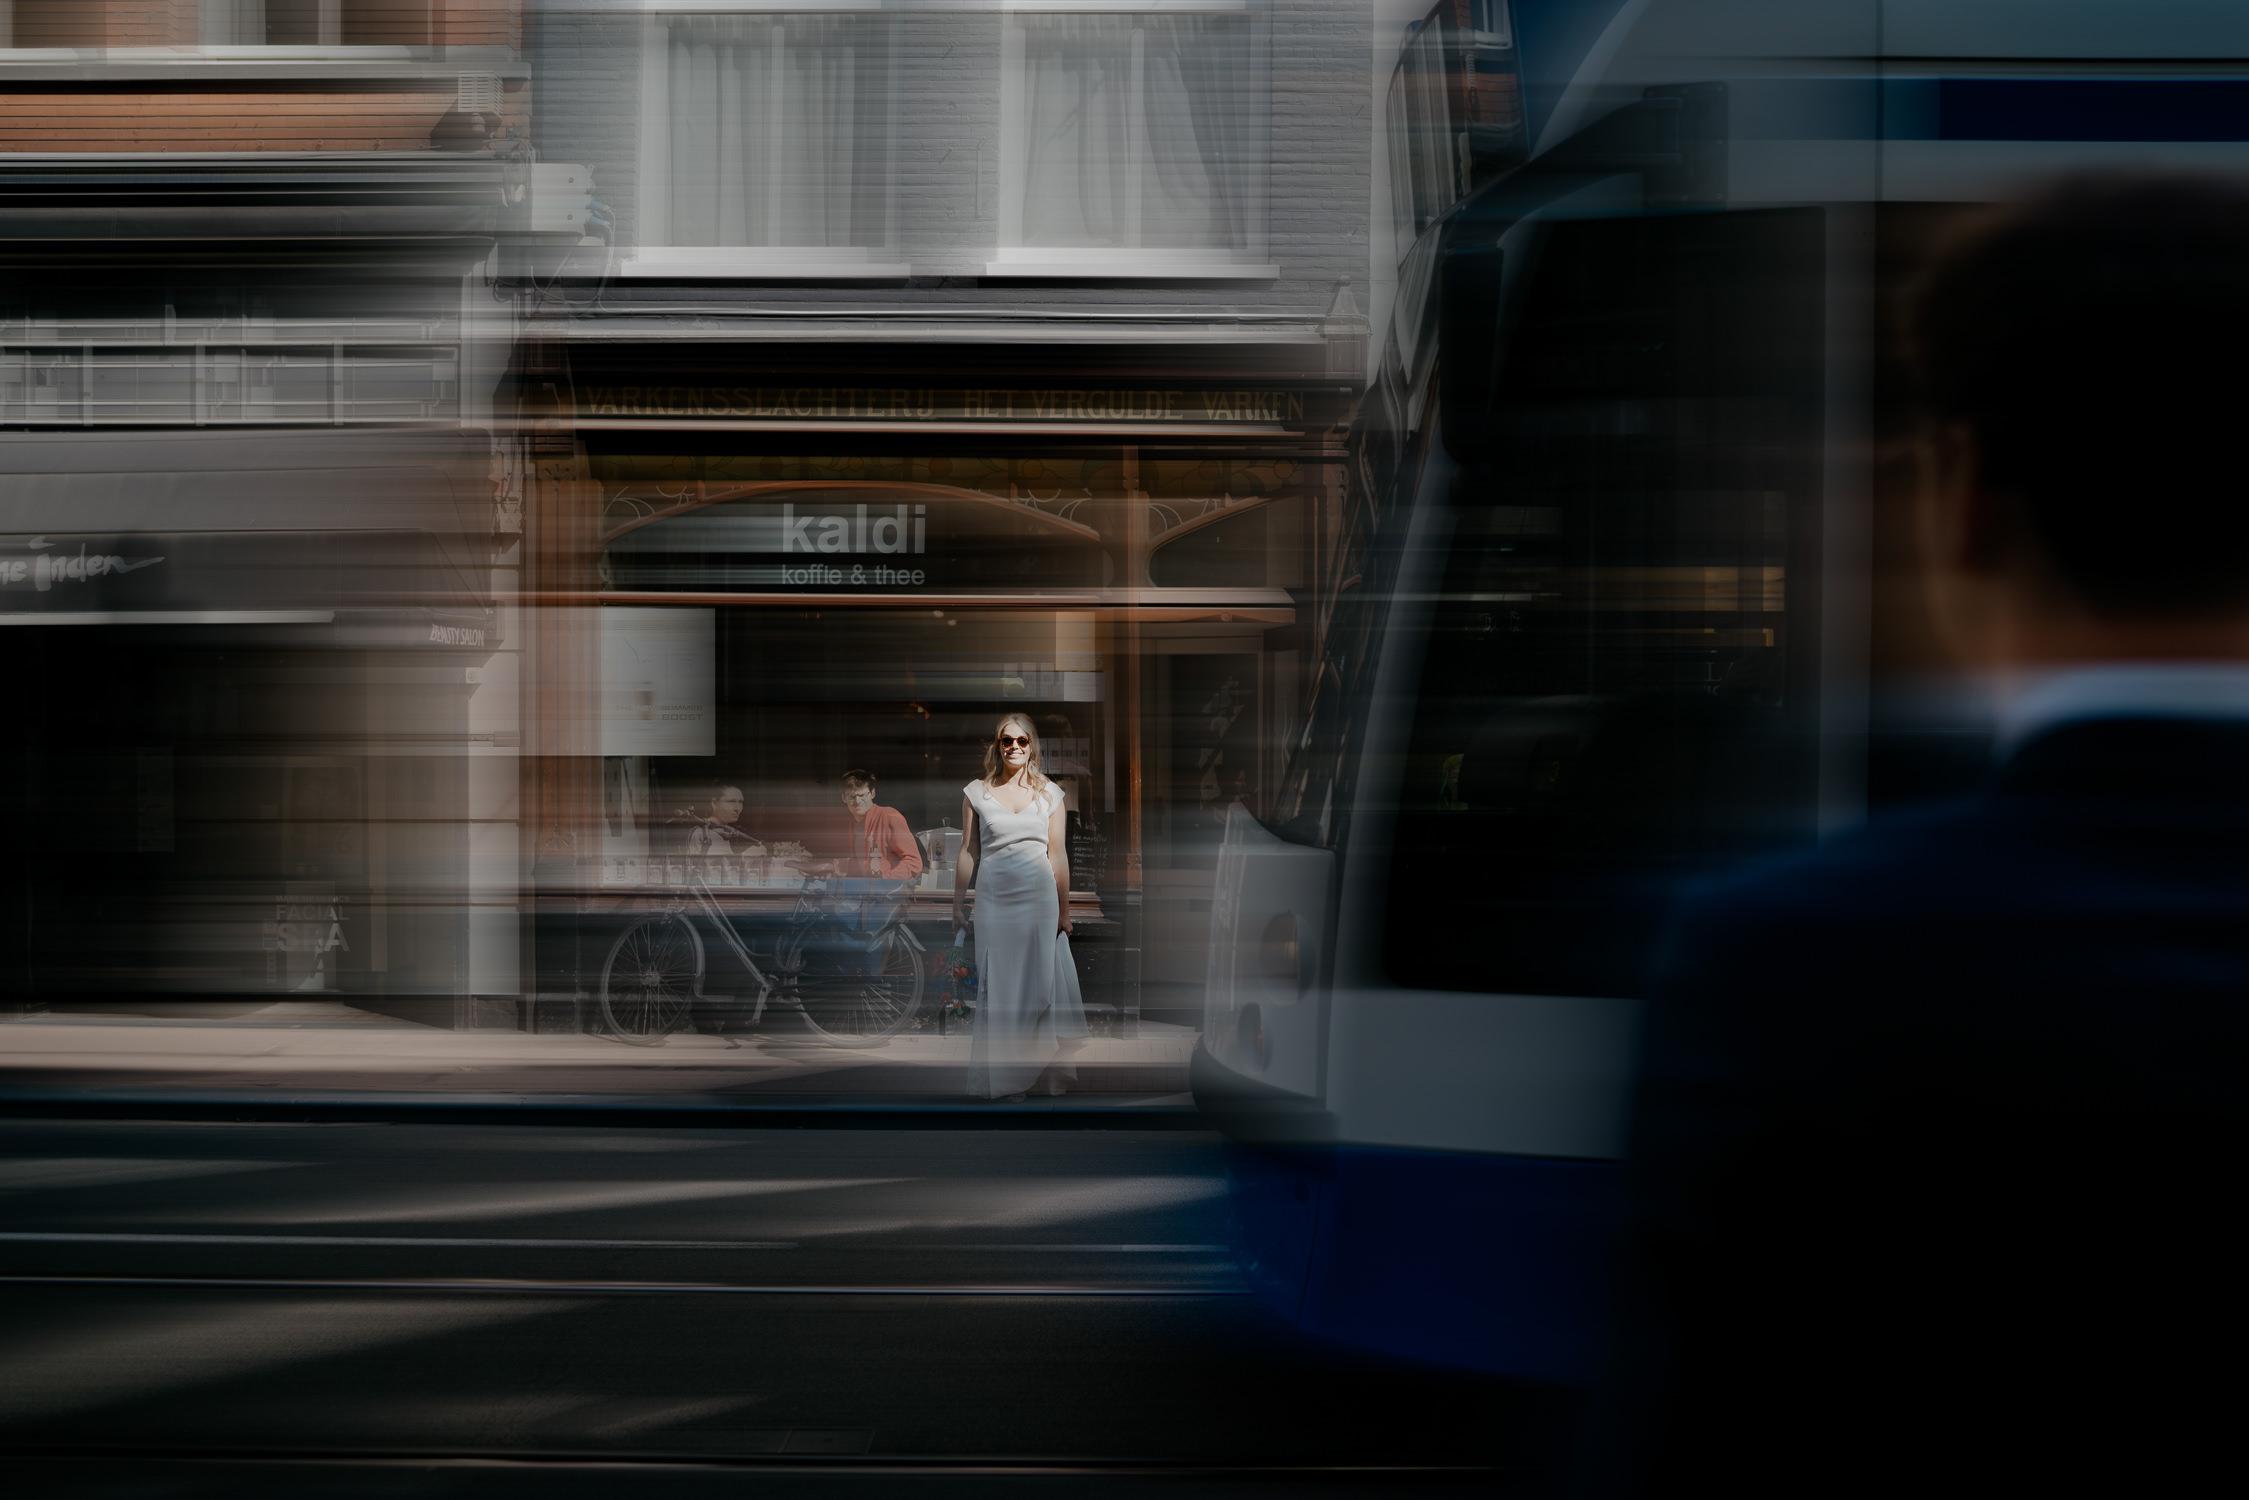 Creatieve trouwfotografie in Amsterdam door Mark hadden